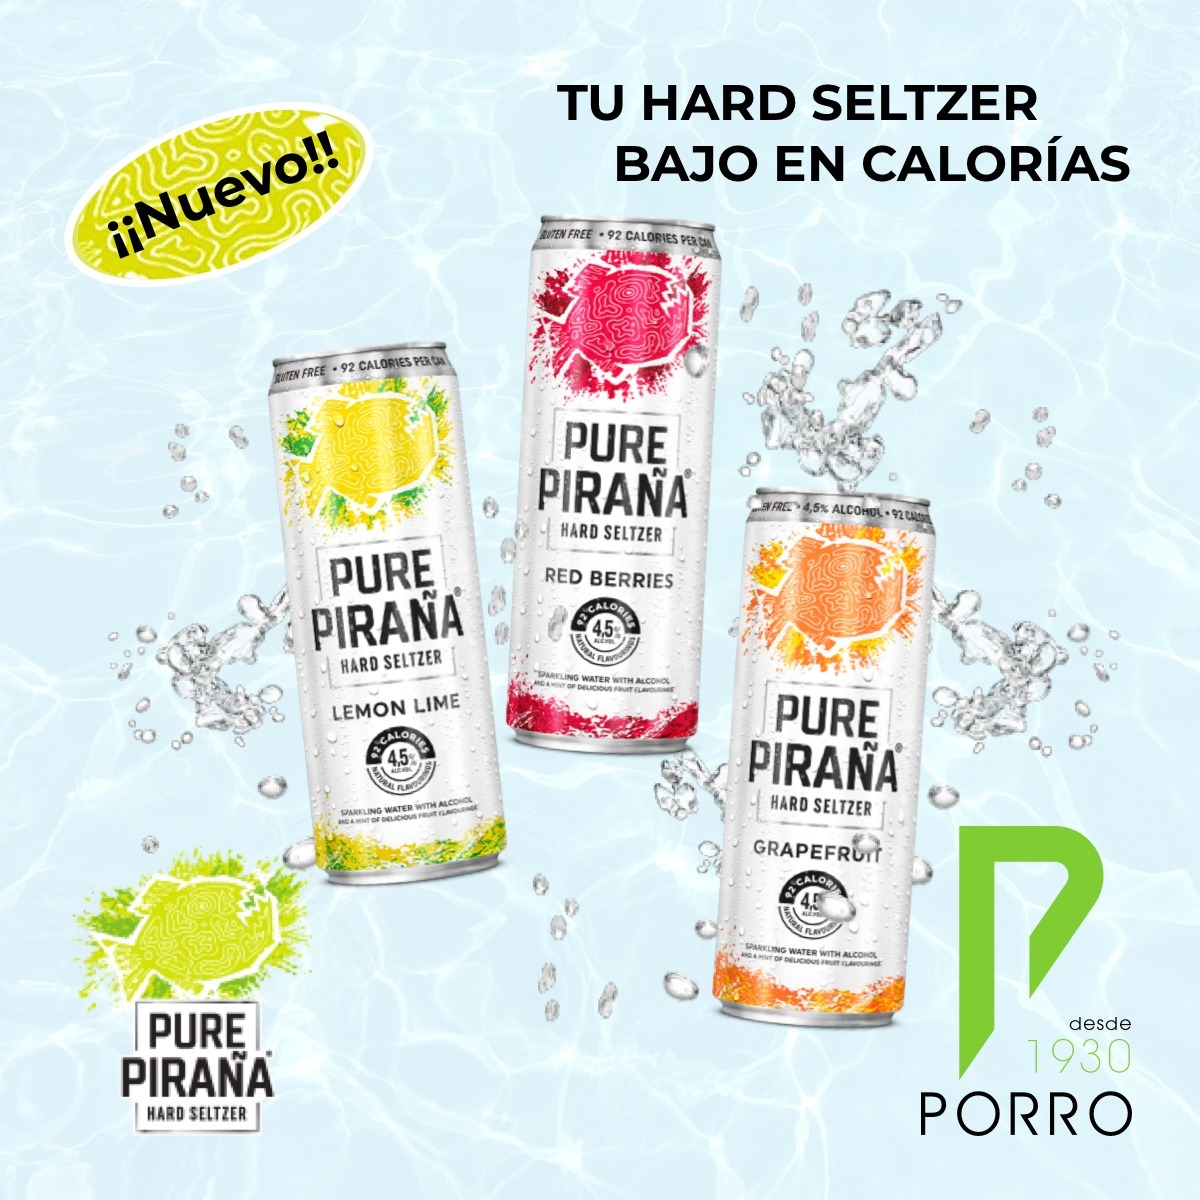 Pure Piraña, la nueva Hard Seltzer de Heineken está en Distribuciones Porro